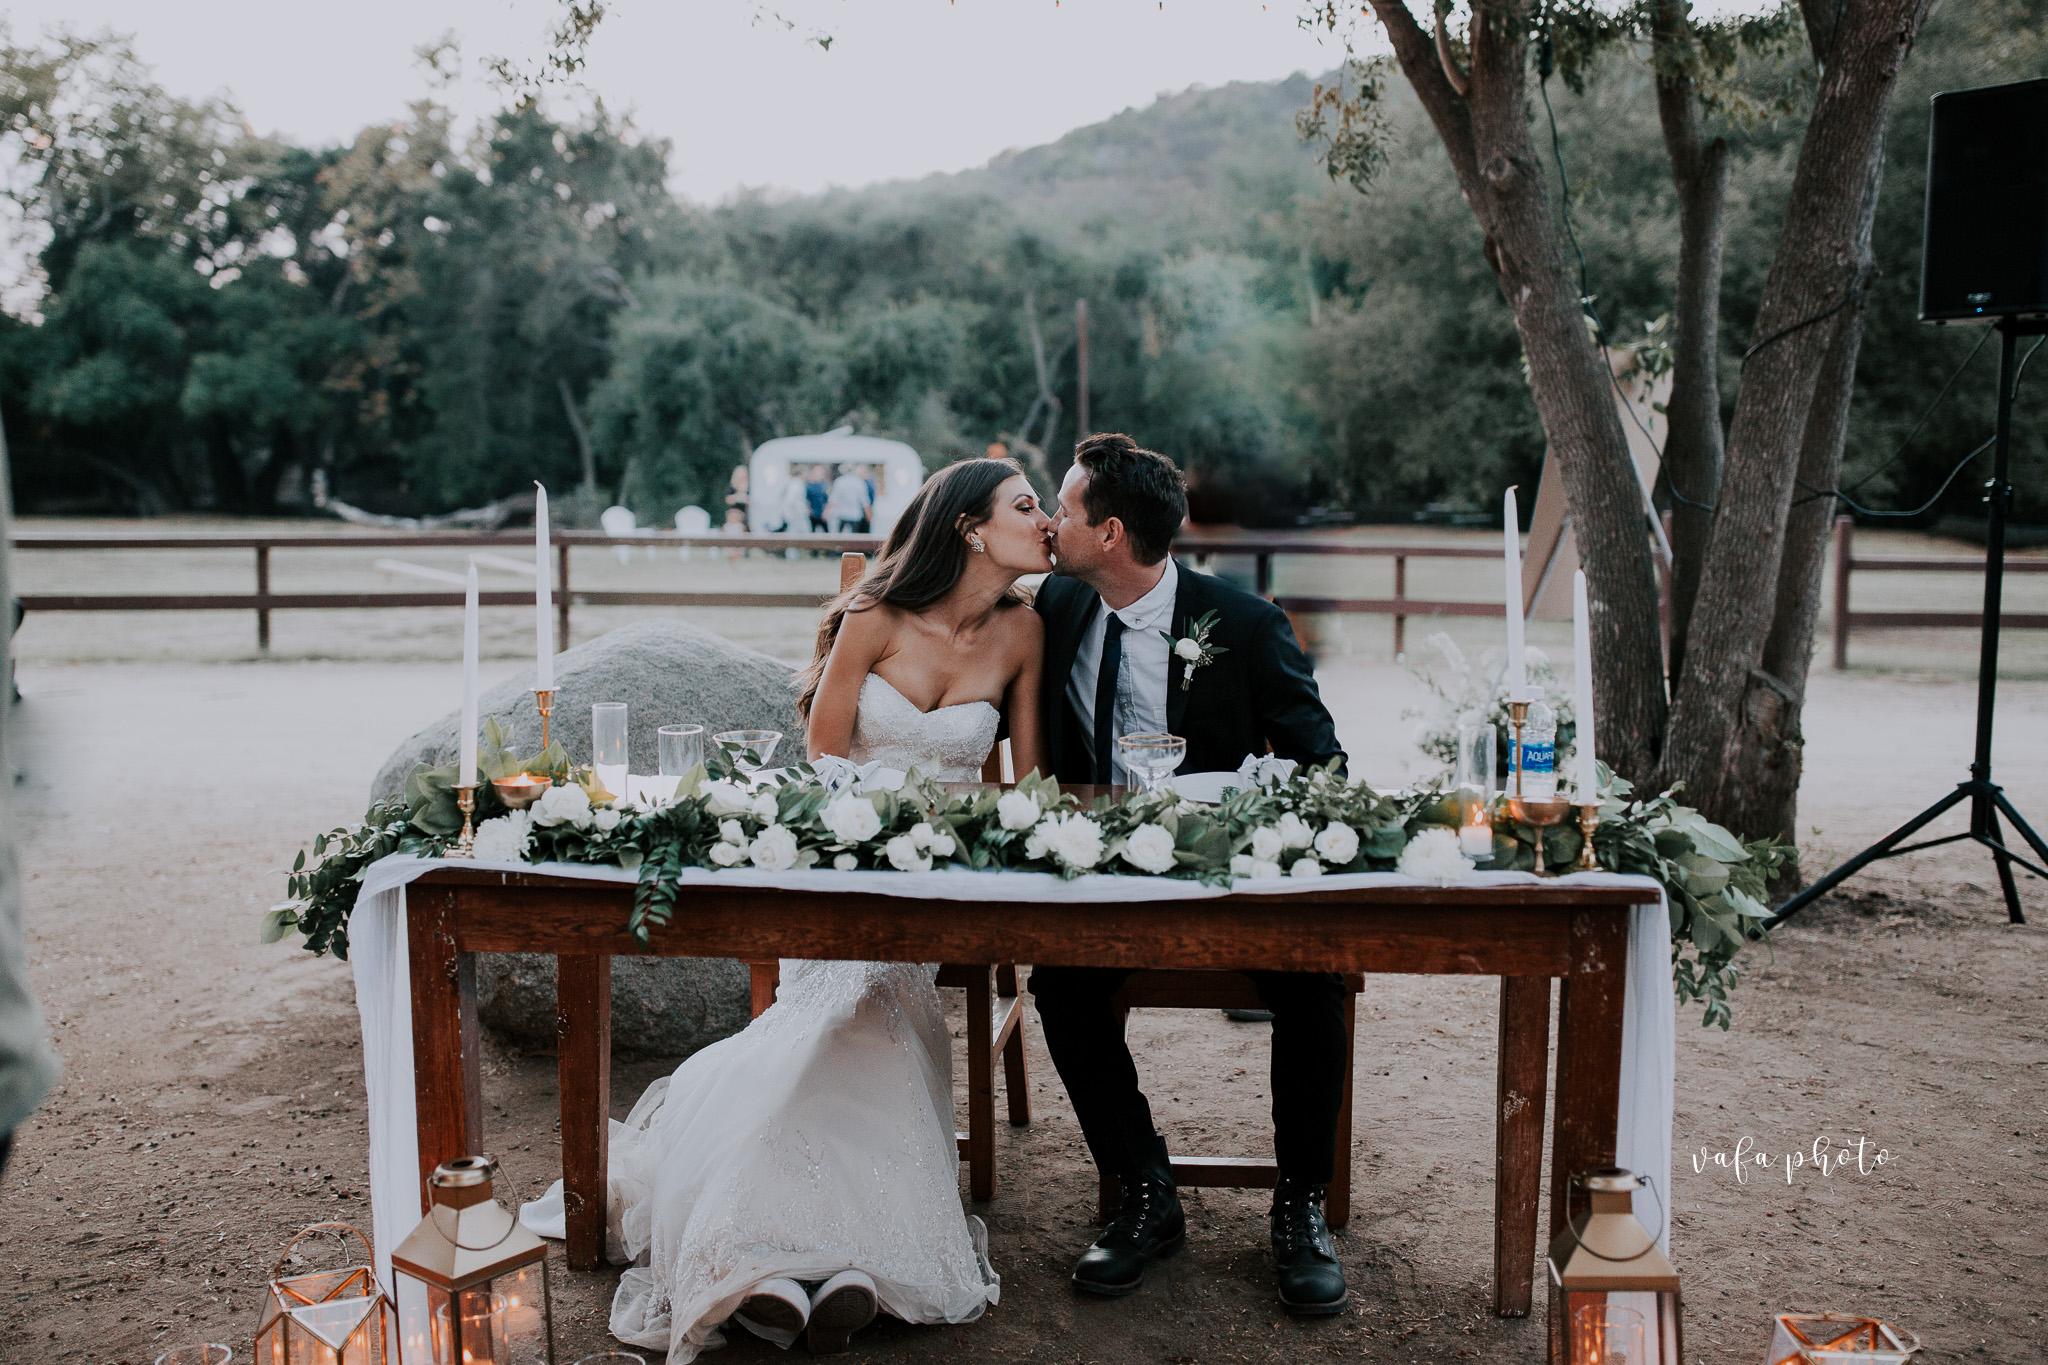 Southern-California-Wedding-Britt-Nilsson-Jeremy-Byrne-Vafa-Photo-826.jpg